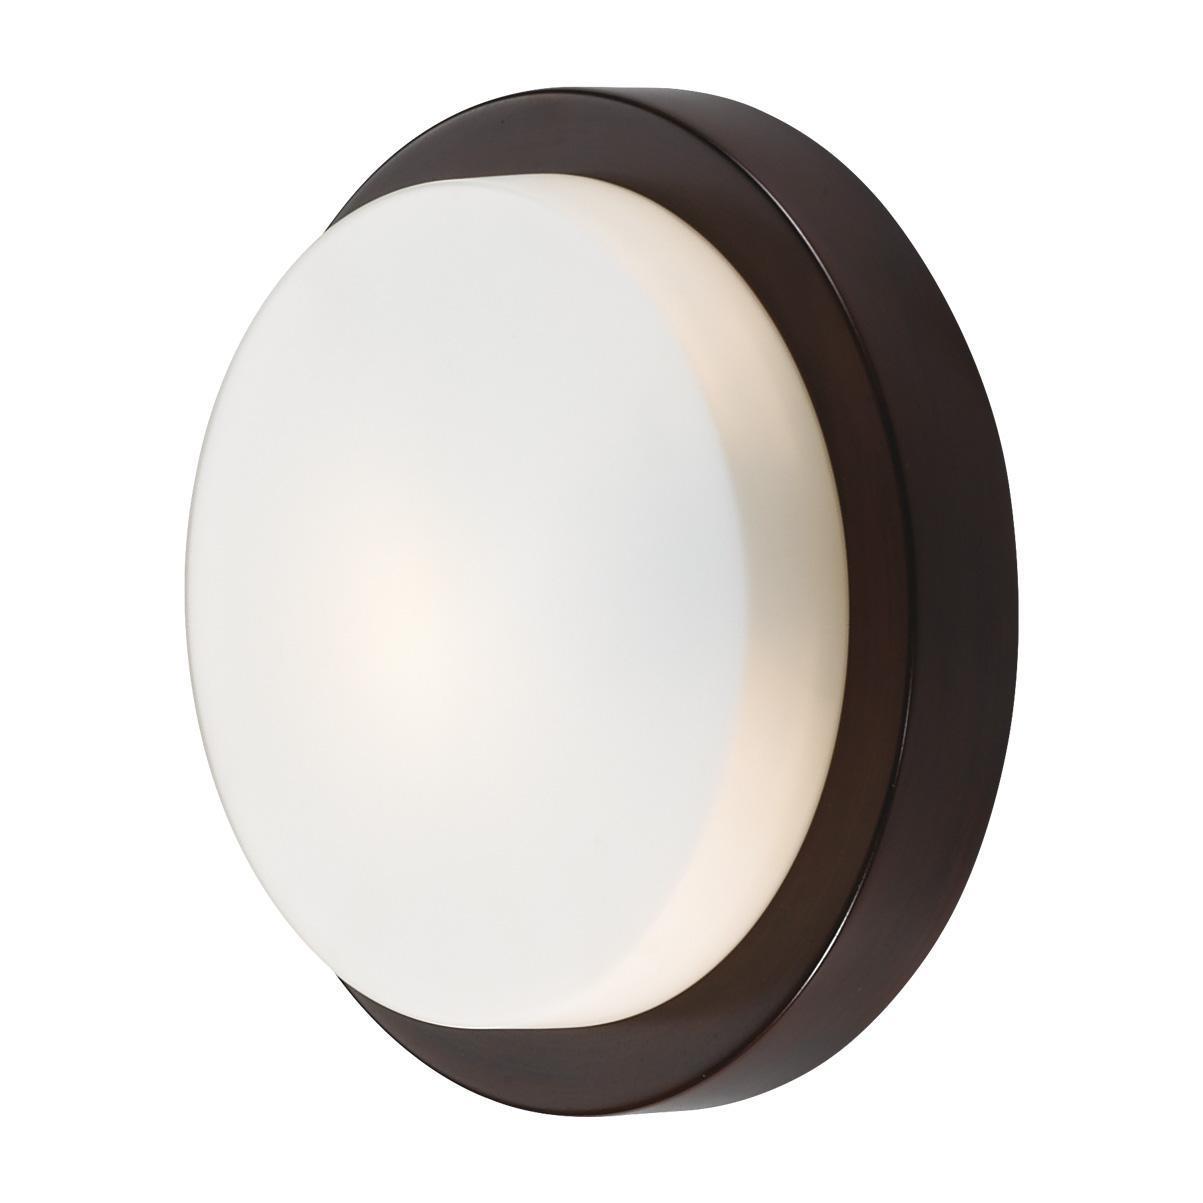 Потолочный светильник Odeon Light Holger 2744/1C